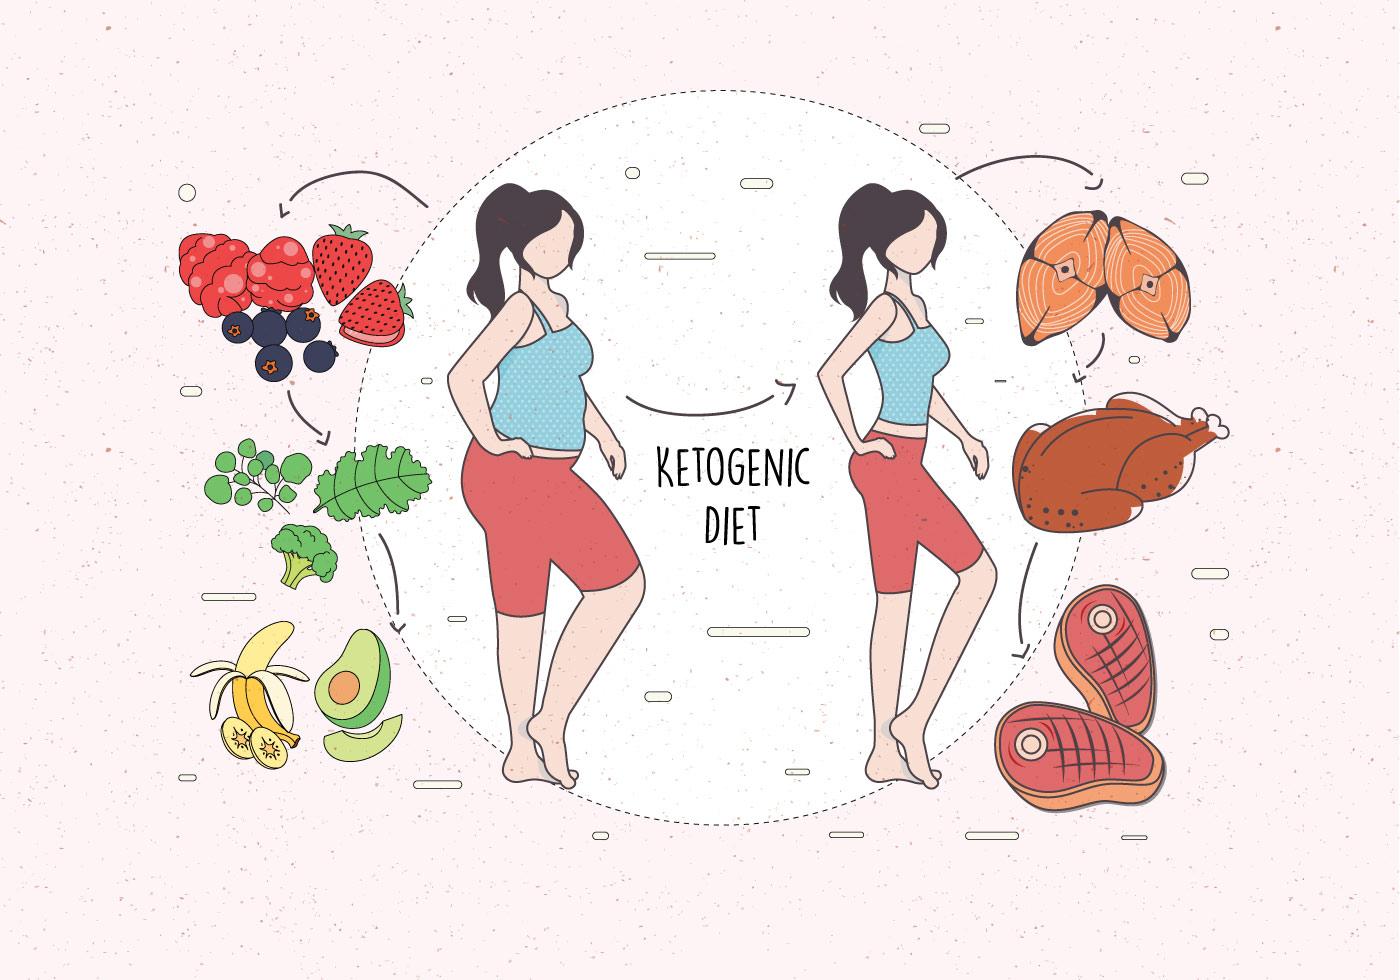 Cha für ketogene Ernährung